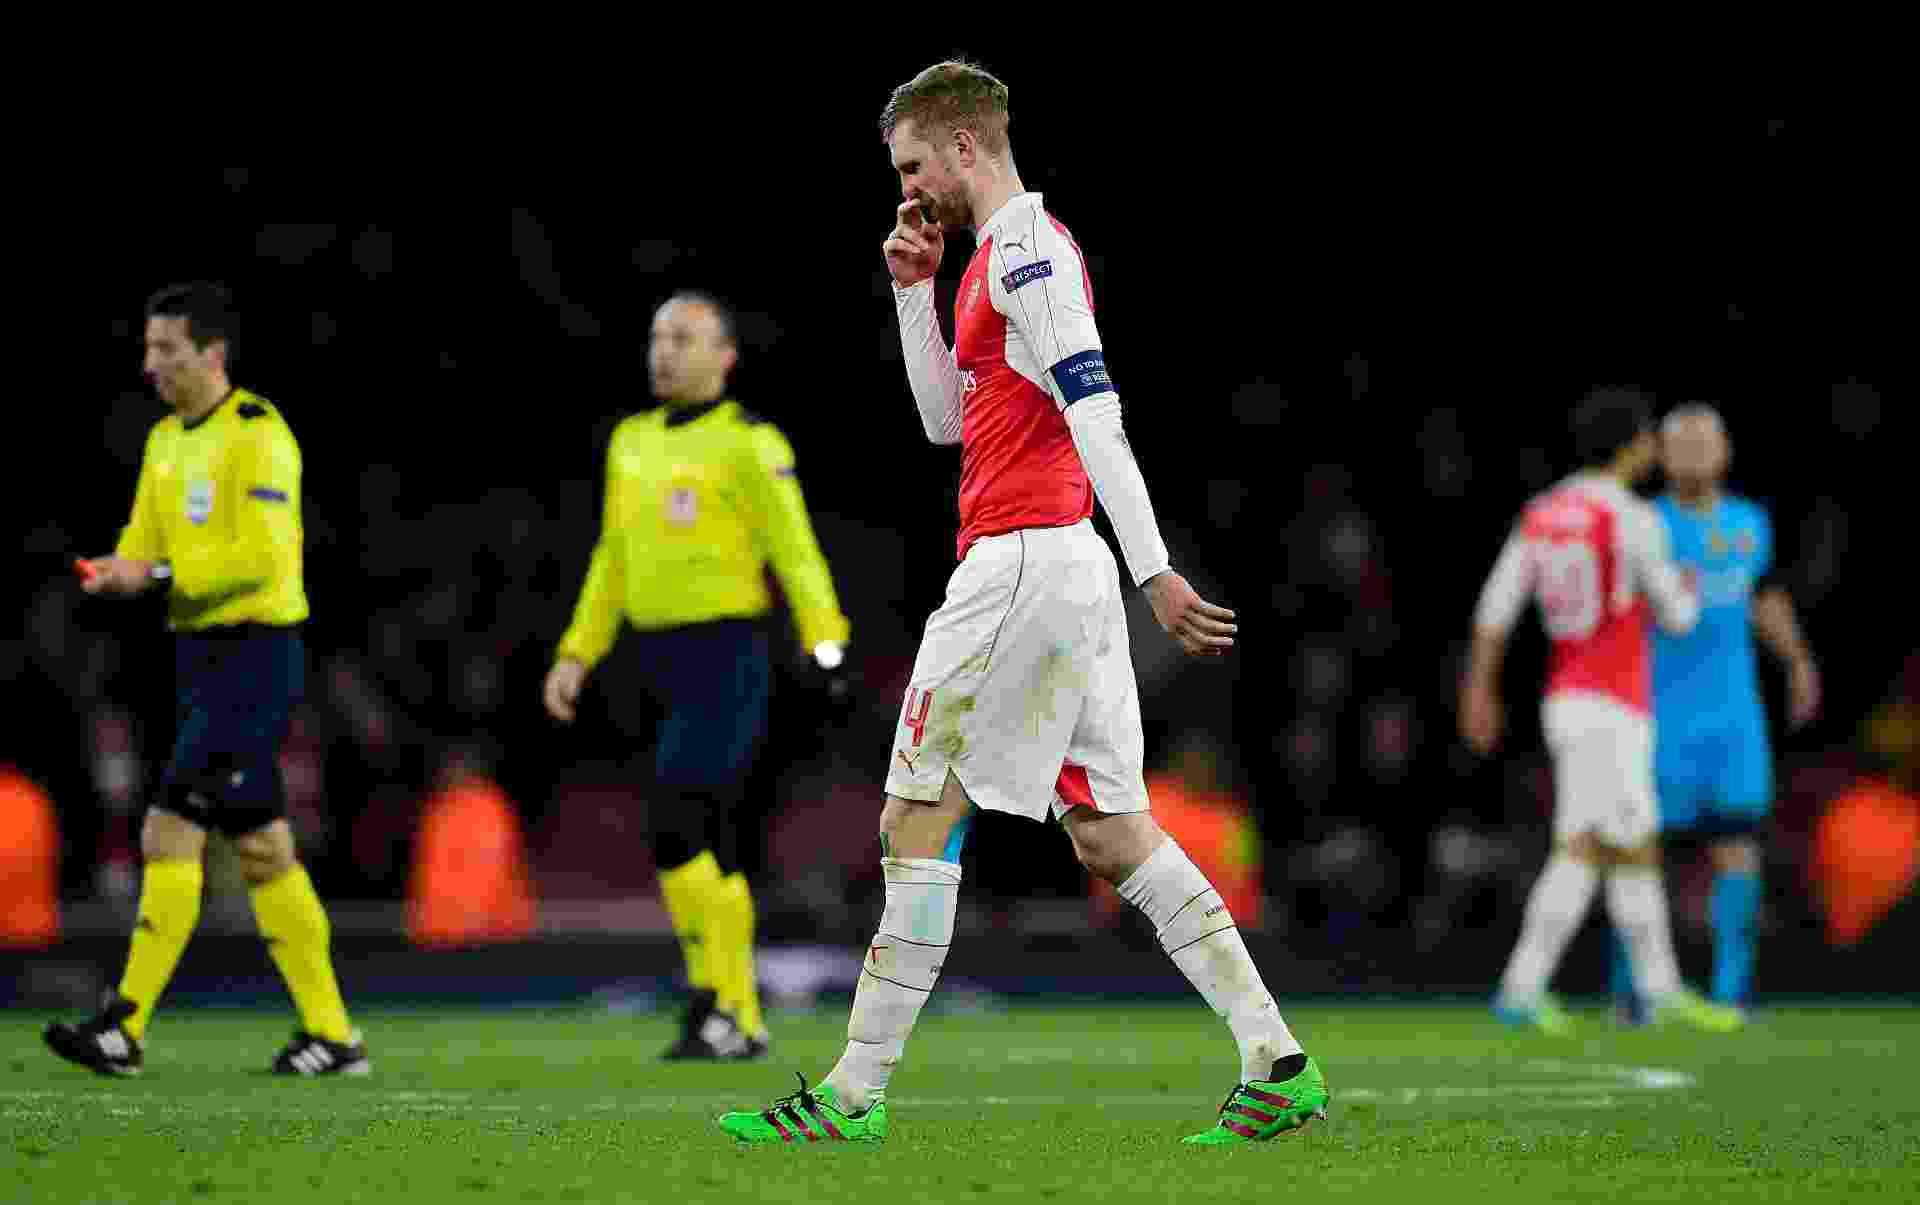 Mertesacker sai de campo após derrota na partida entre Arsenal e Barcelona pela Liga dos Campeões - AFP / Javier Soriano